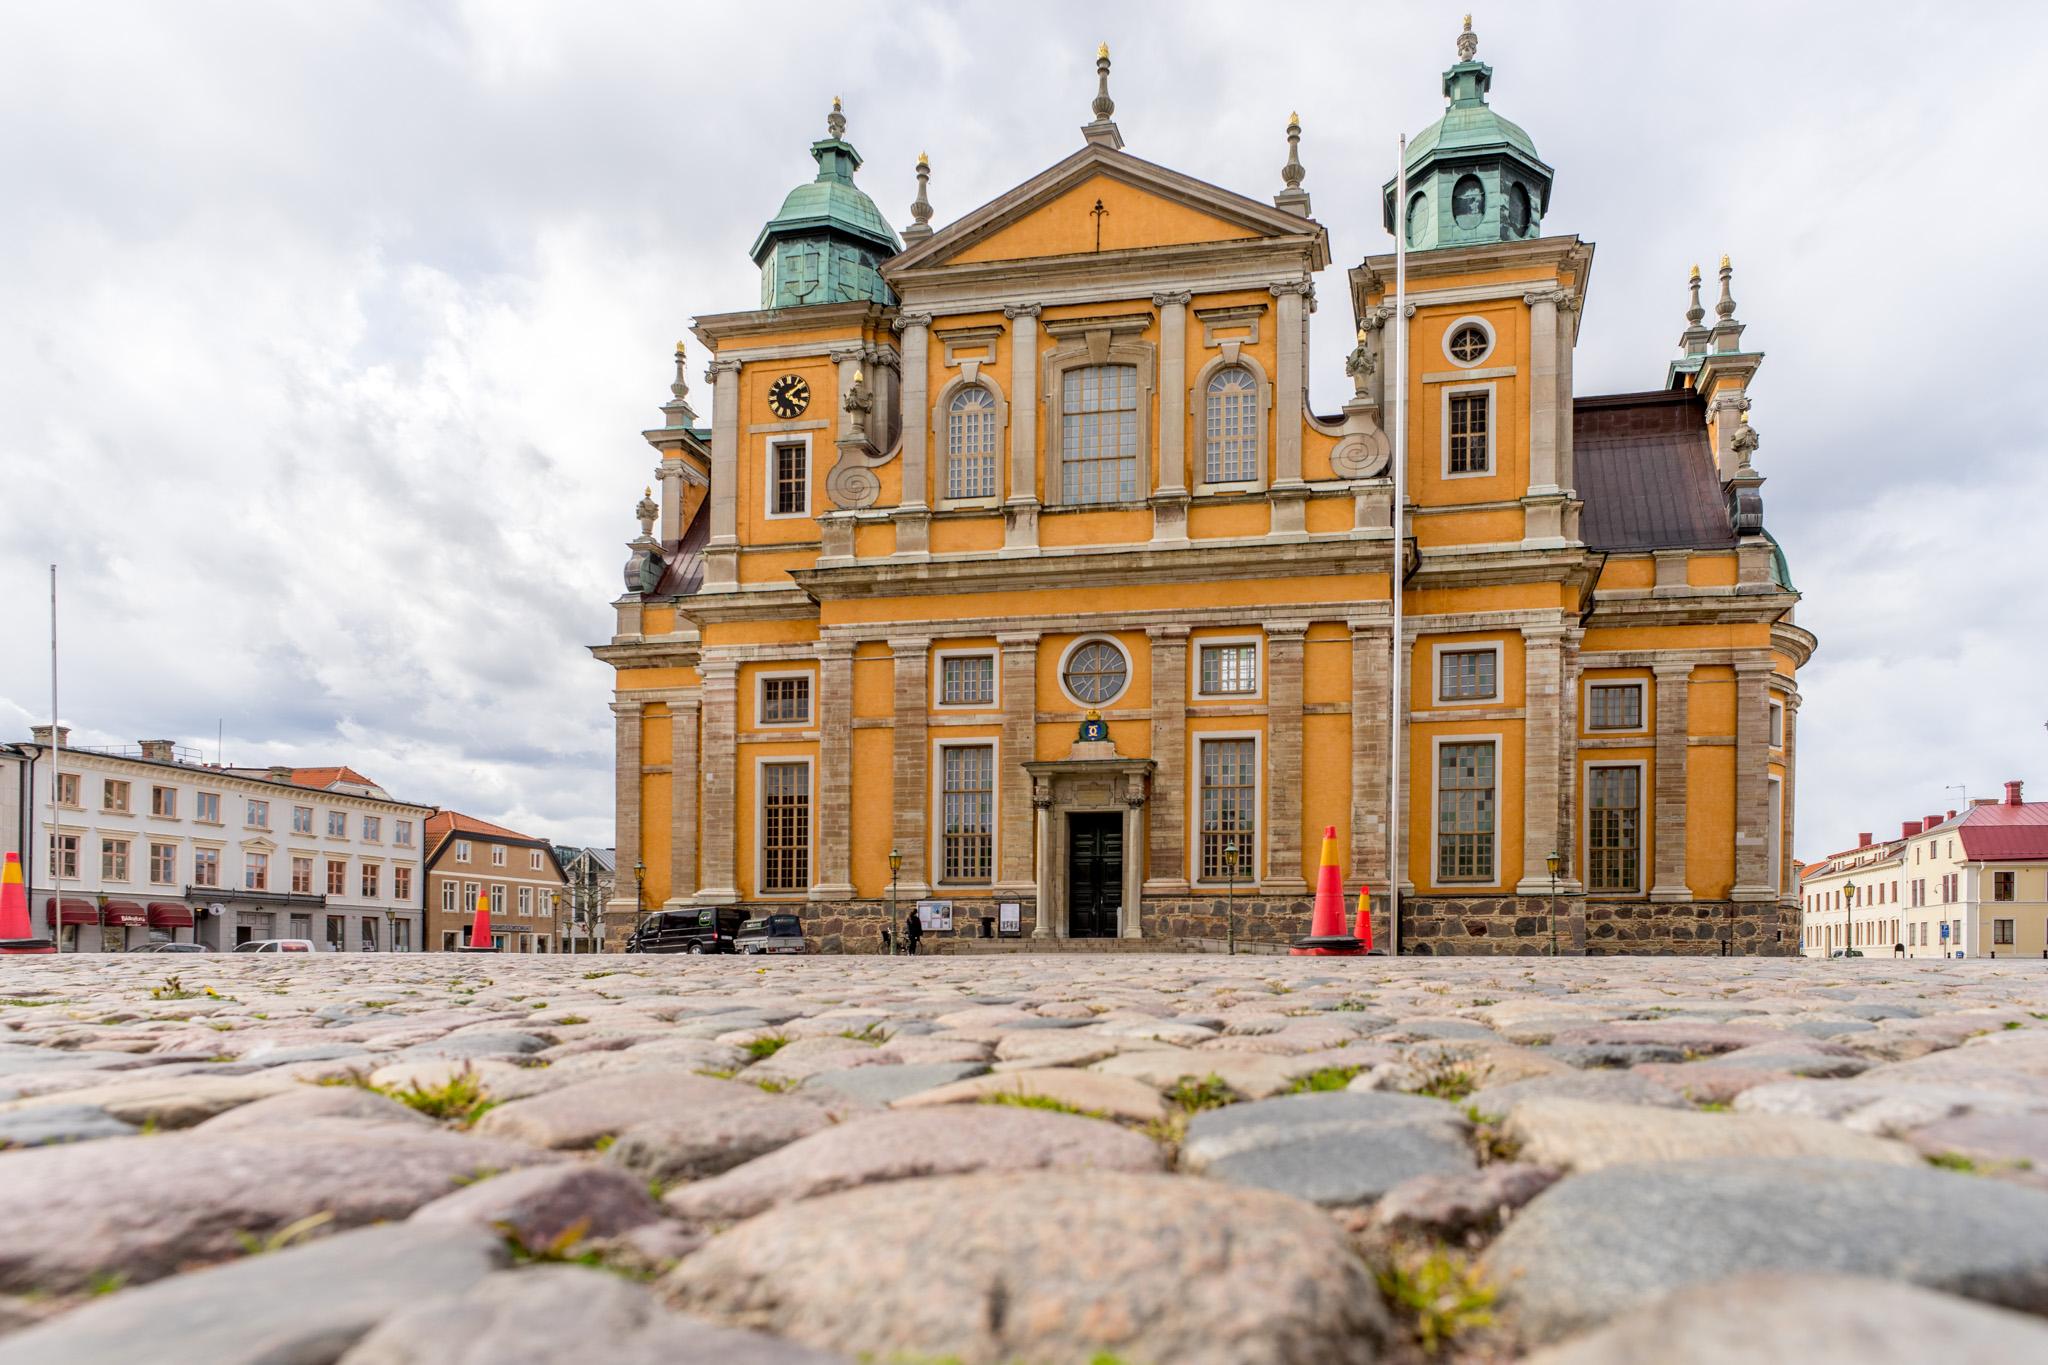 Dom von Kalmar